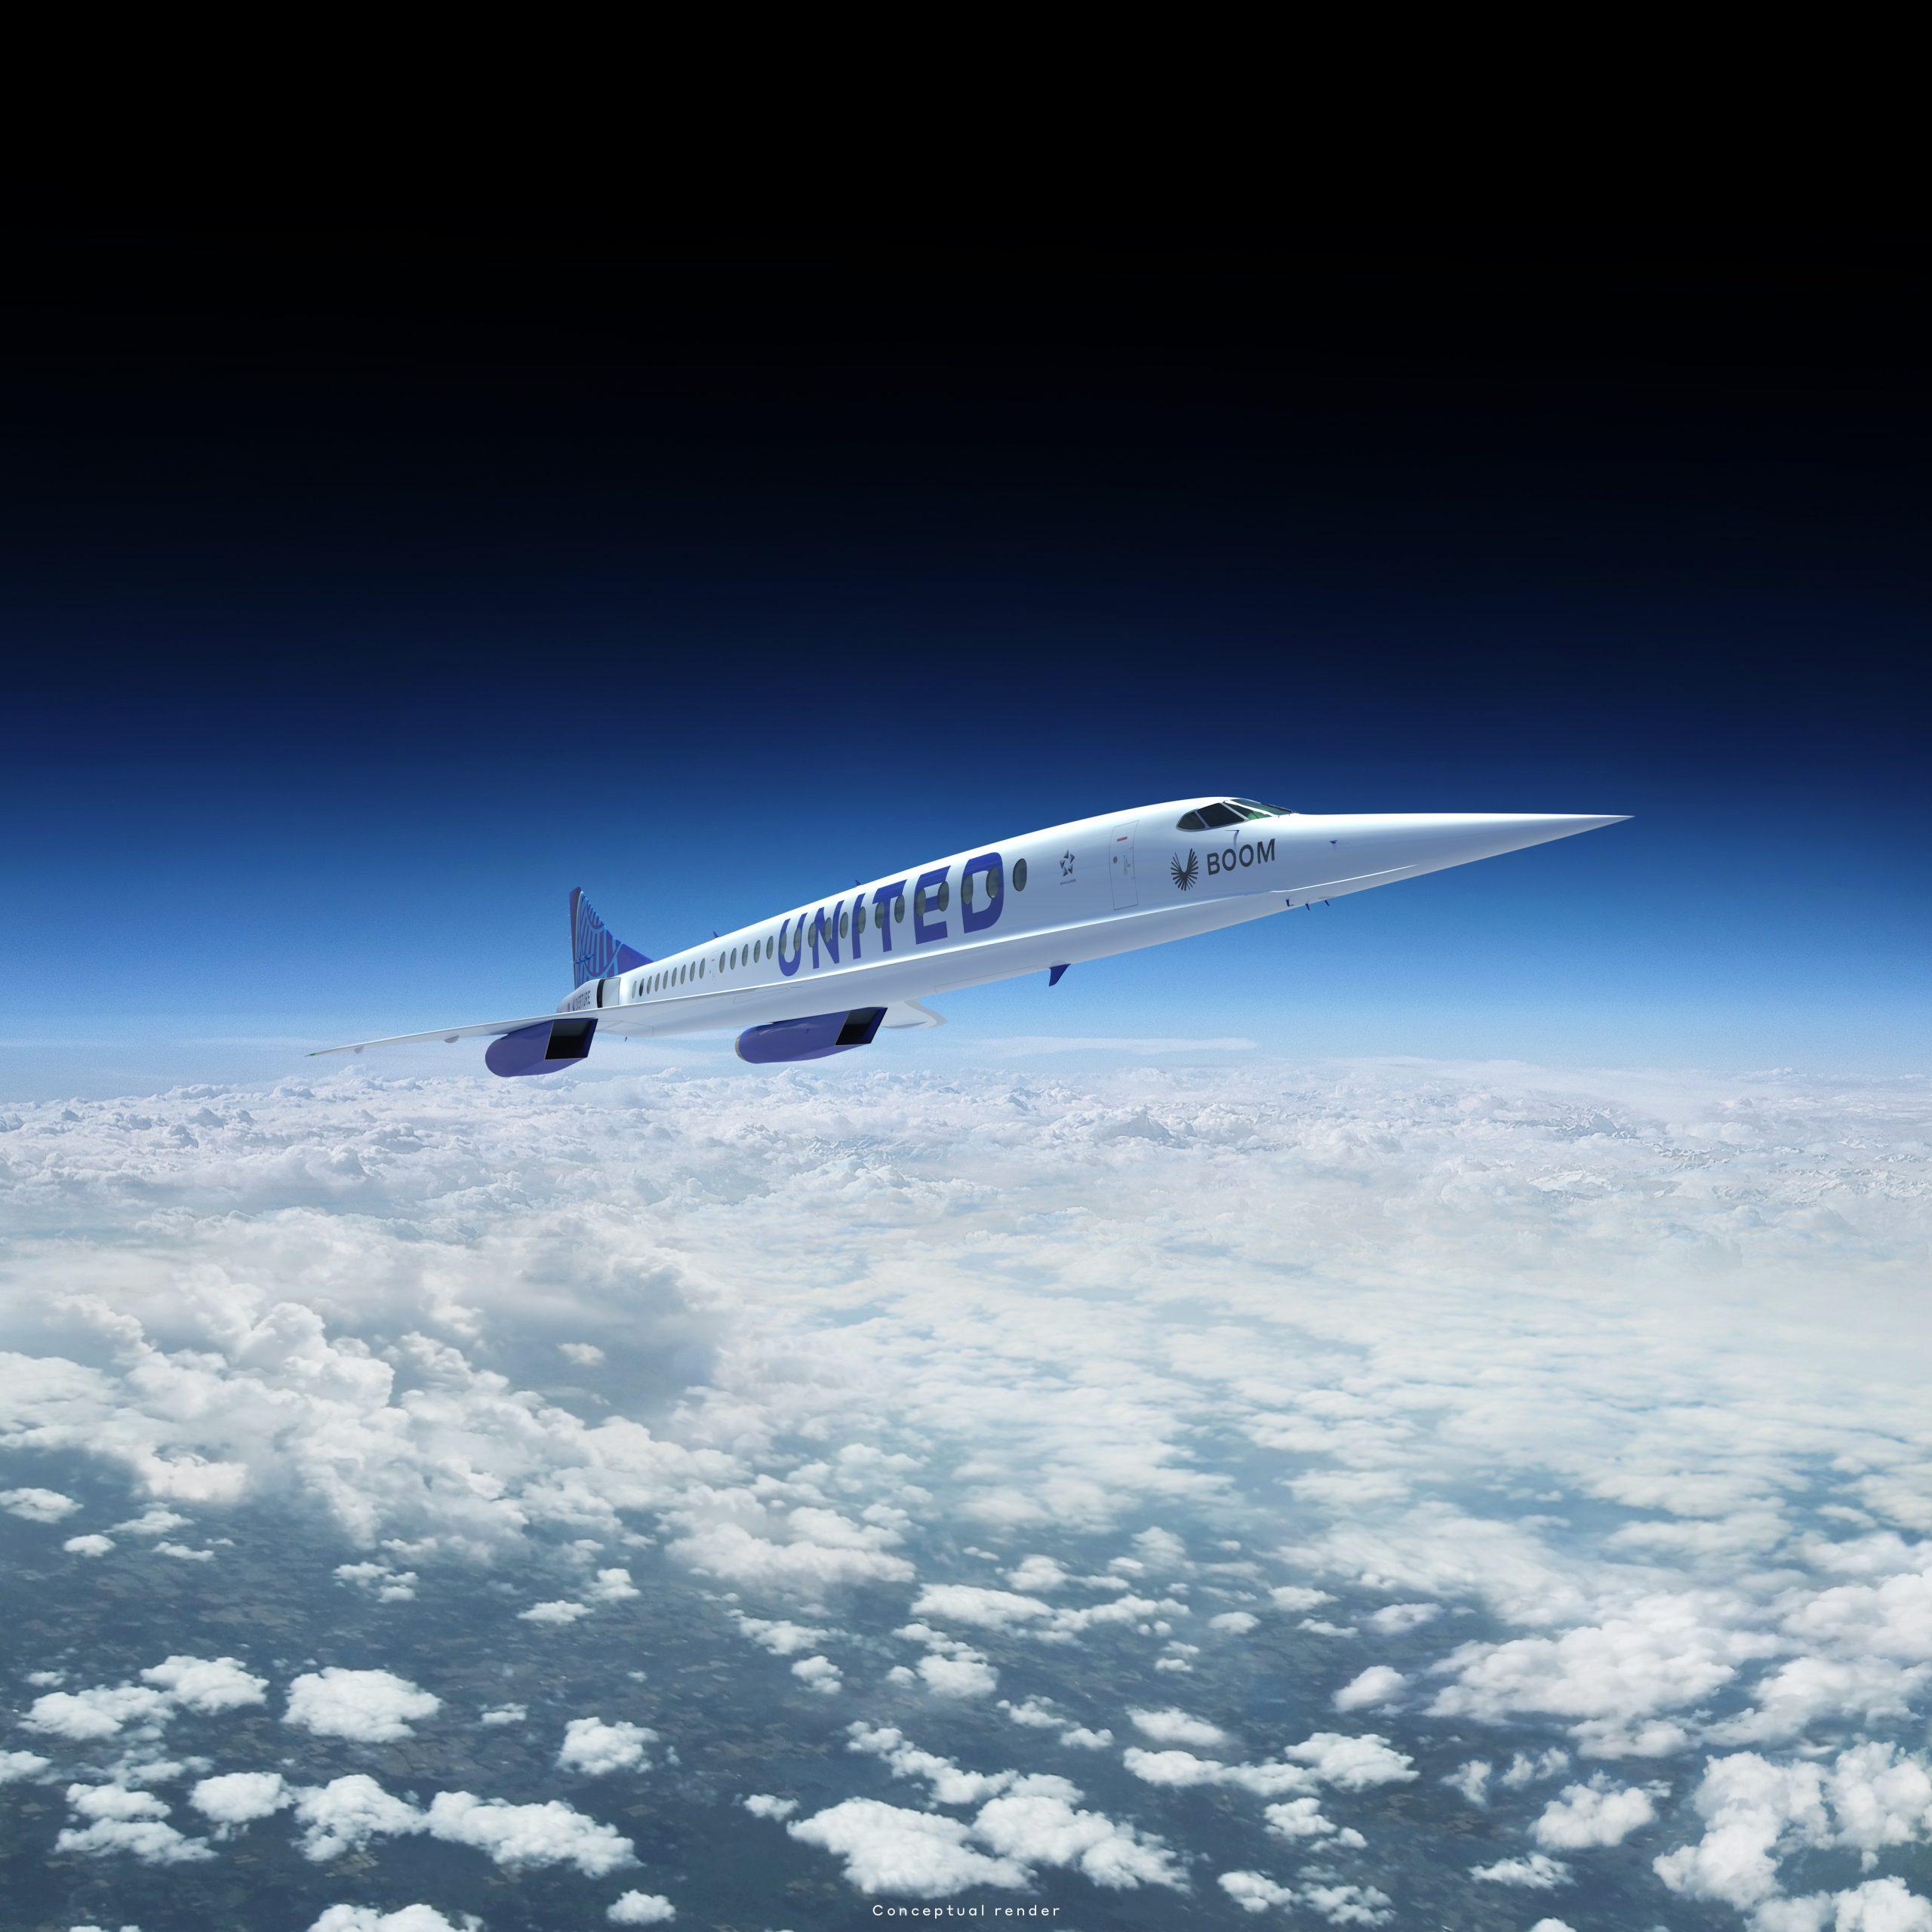 Boom supersonisch vliegtuig United Airlines - Overture